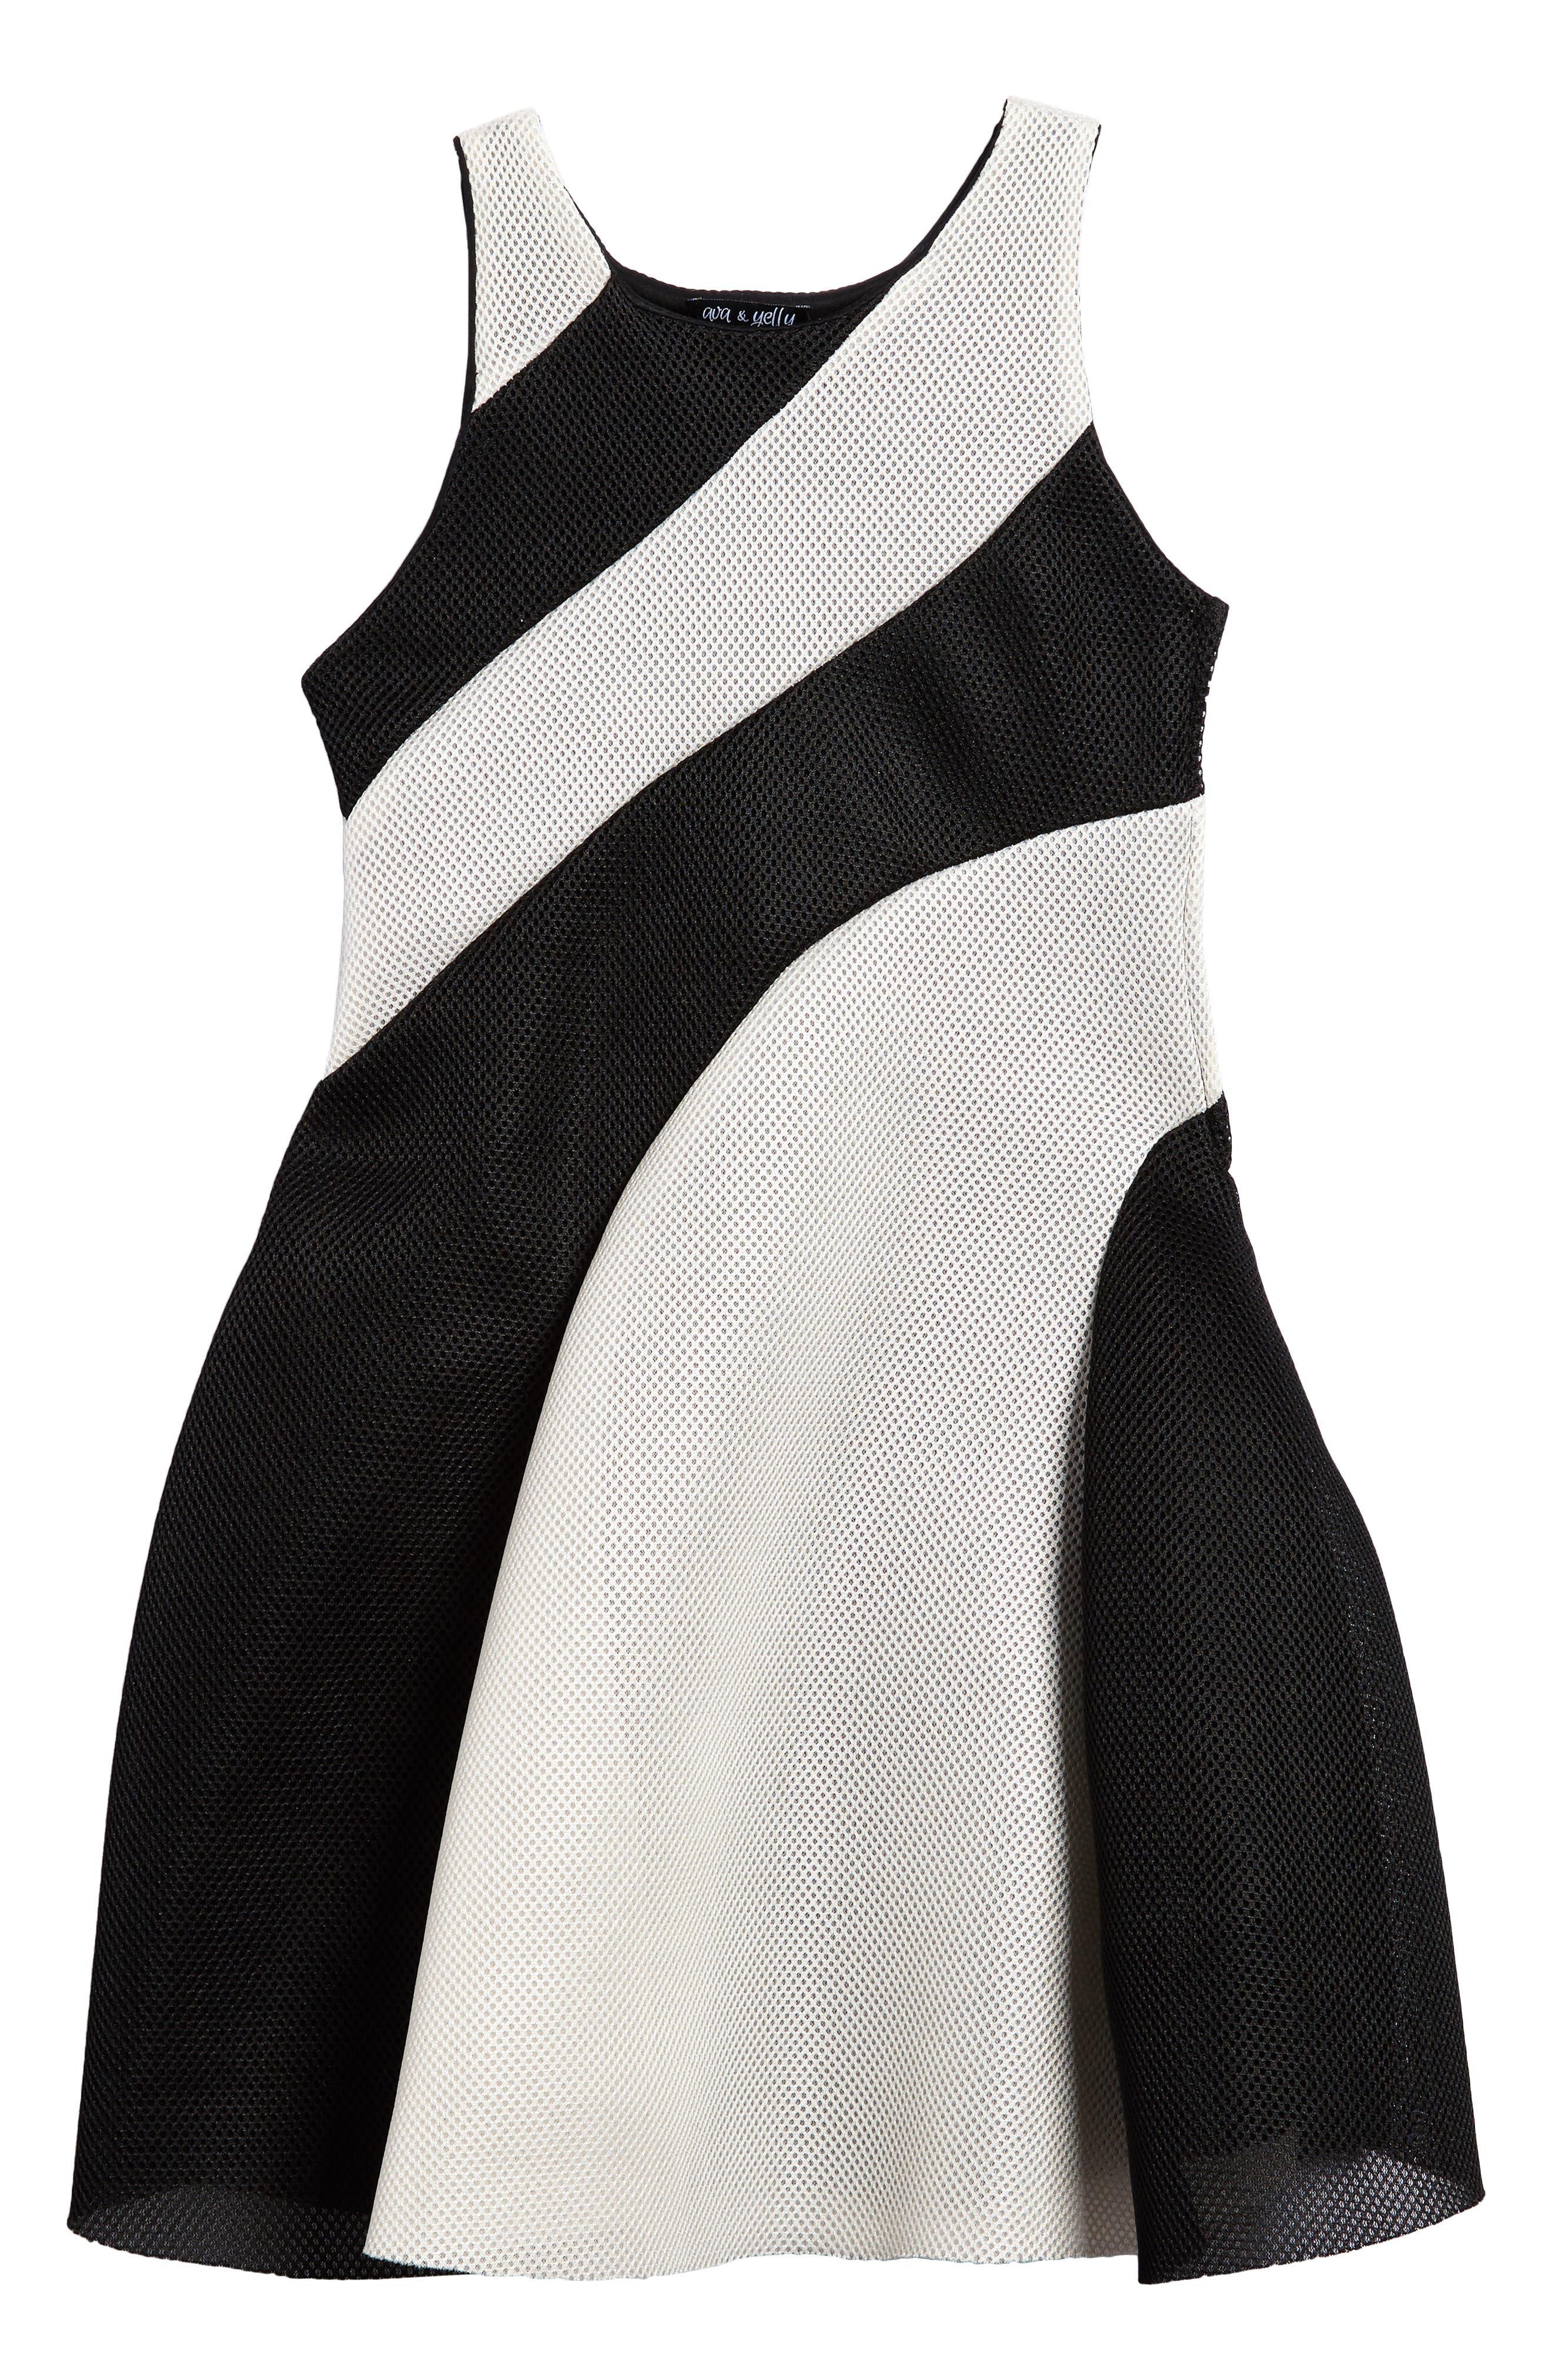 Alternate Image 1 Selected - Ava & Yelly Techno Mesh Skater Dress (Big Girls)